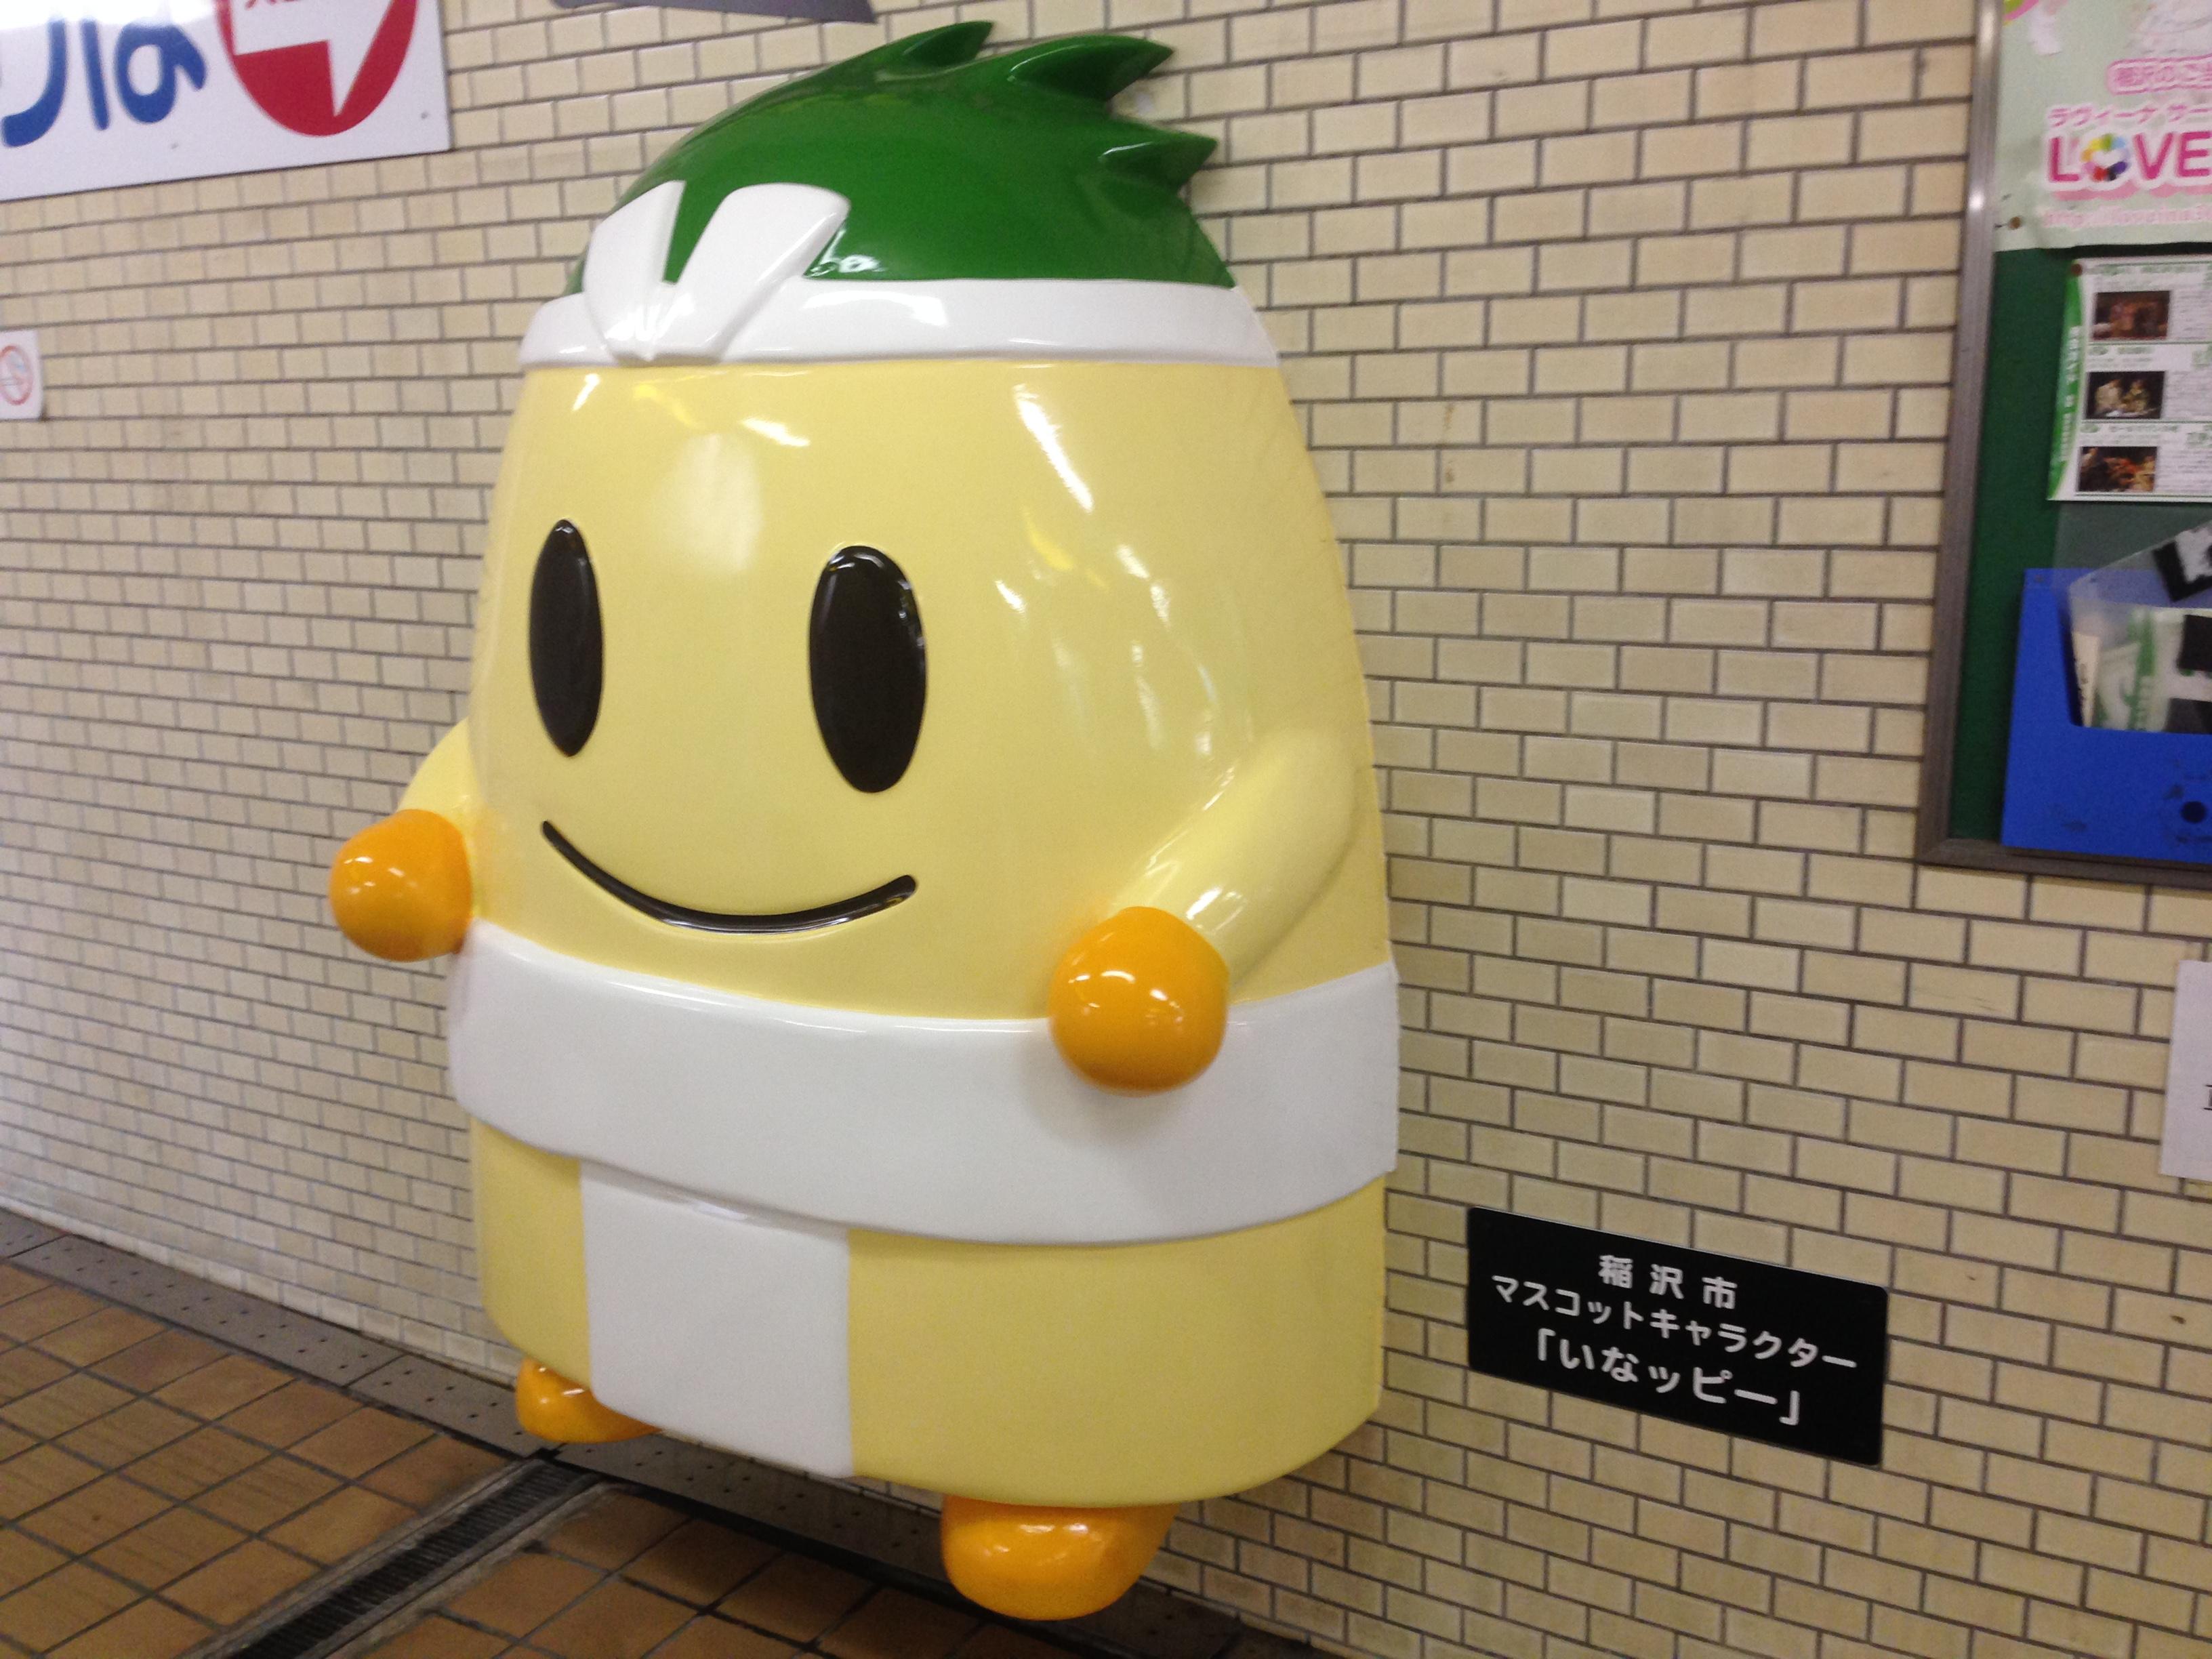 国府宮駅に巨大な「いなッピー」が埋め込まれていた!!